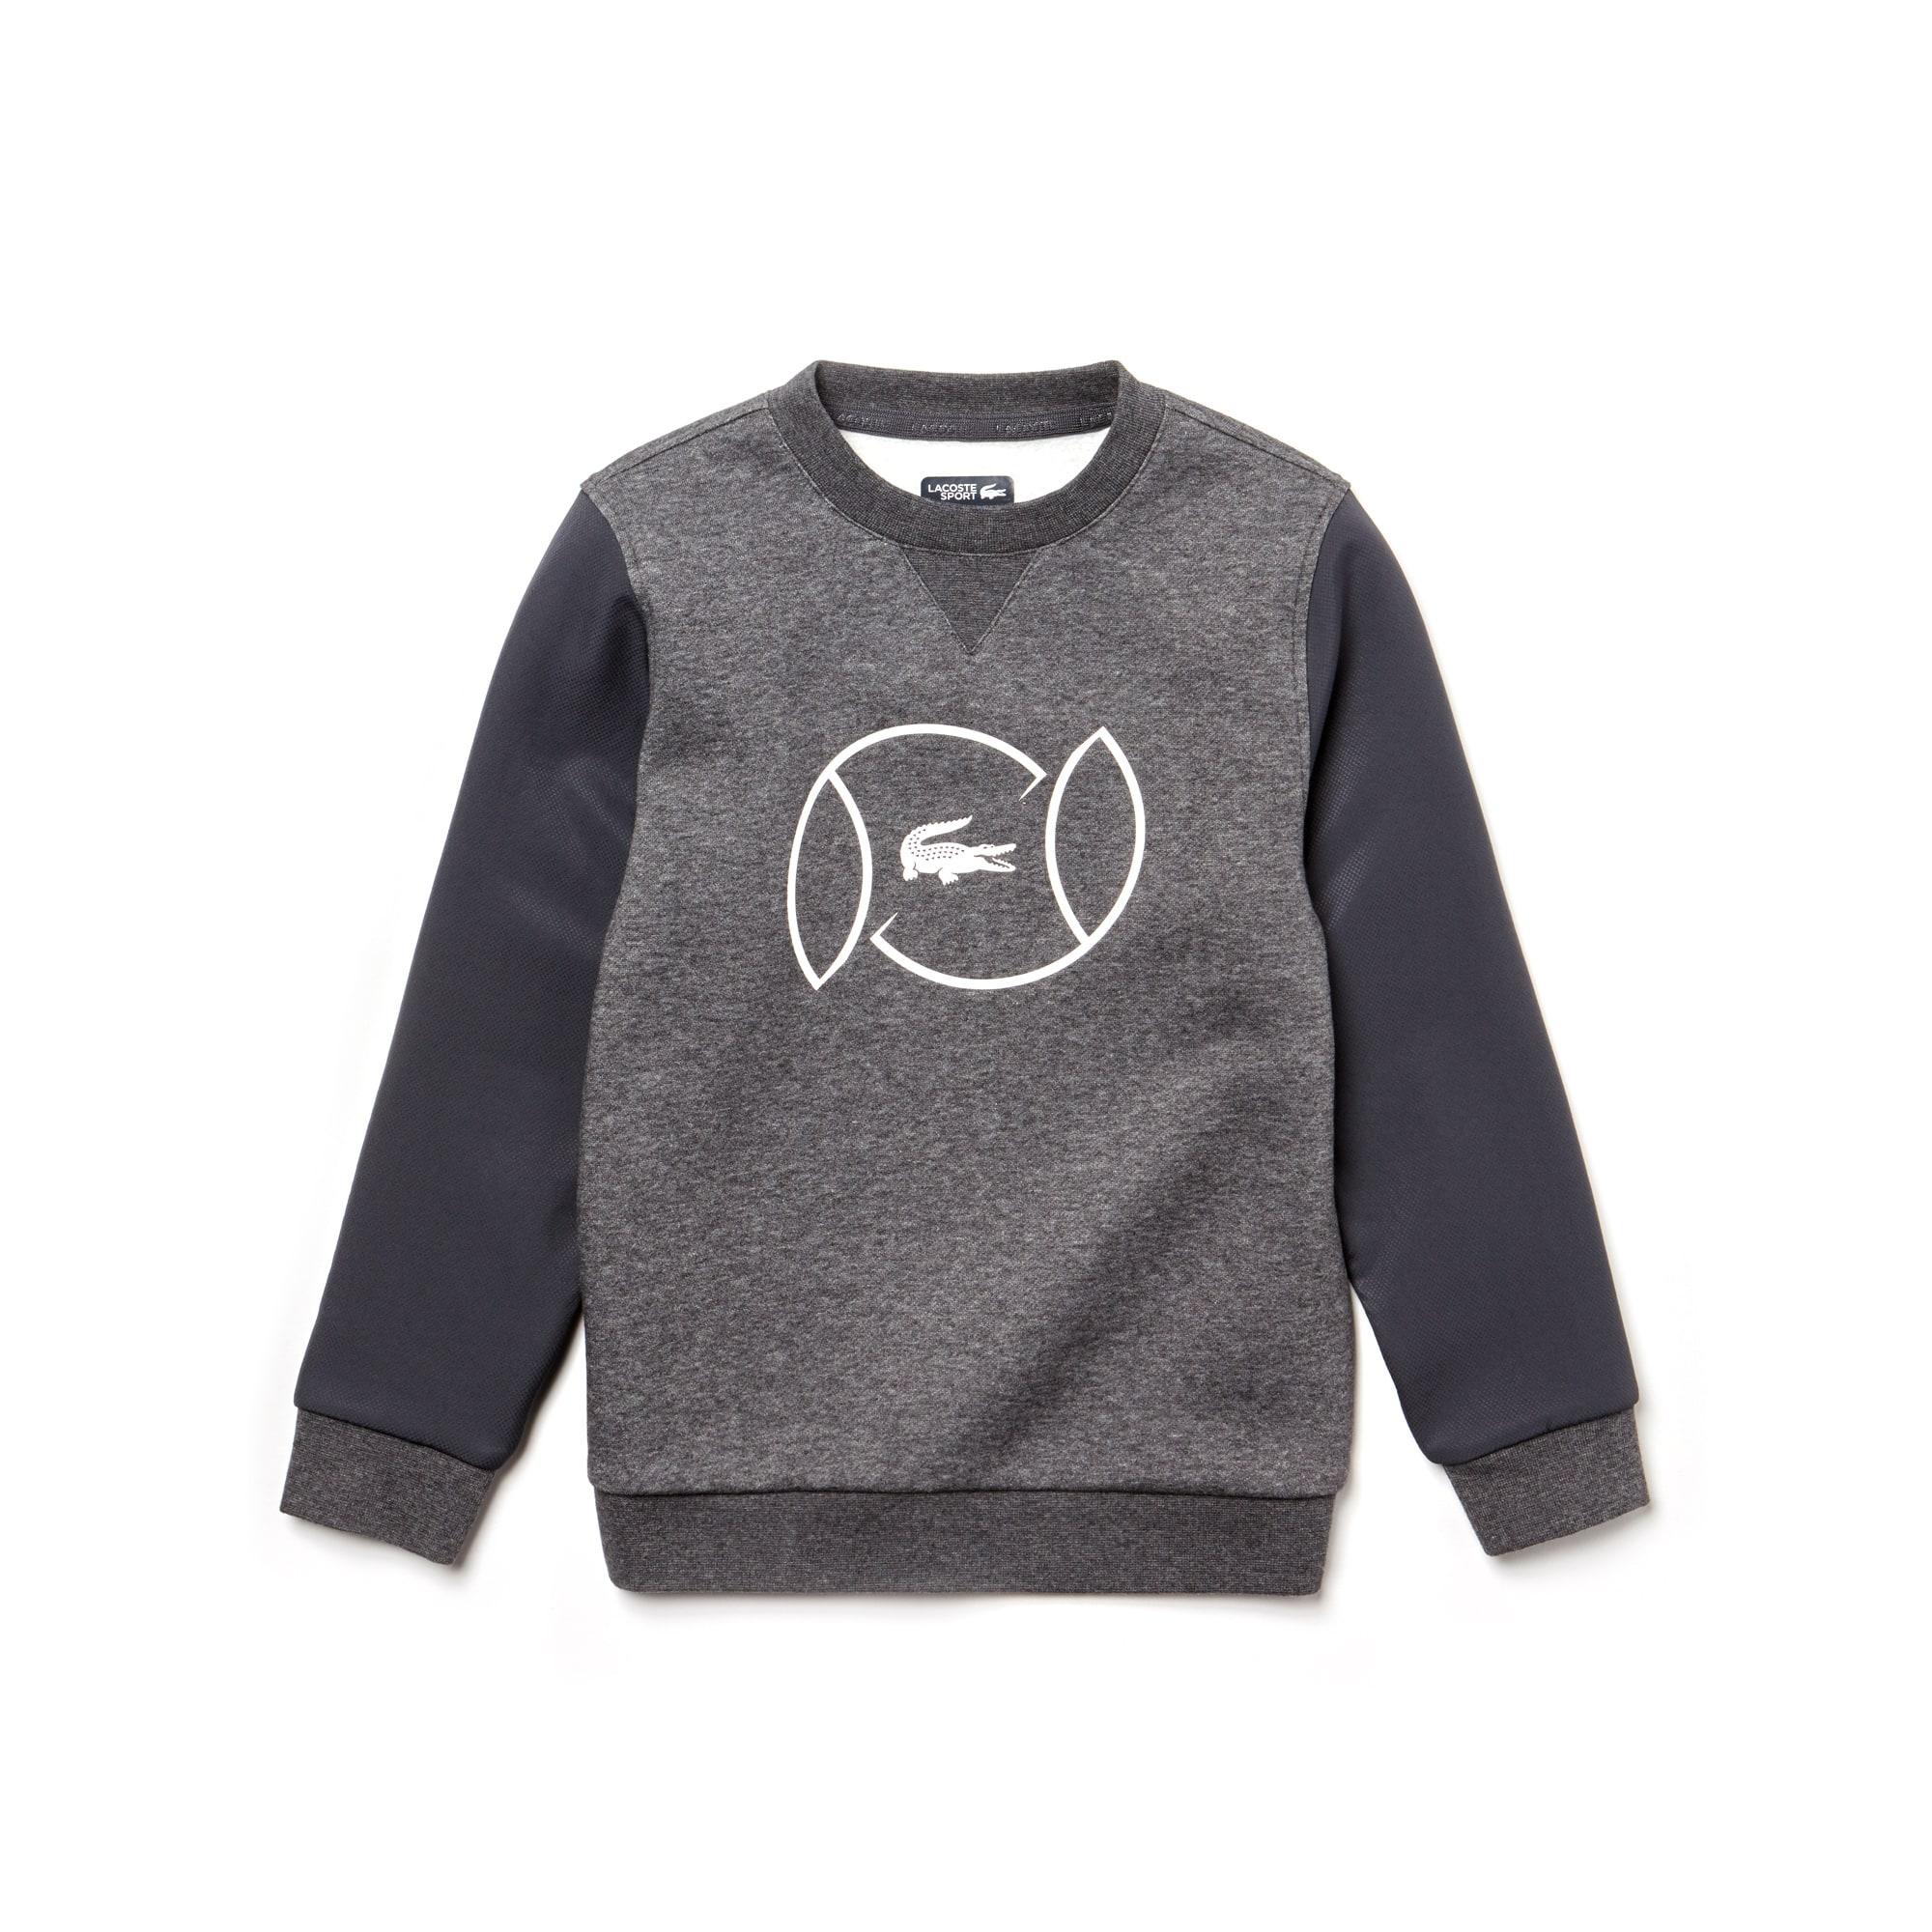 Jungen LACOSTE SPORT Fleece Tennis-Sweatshirt mit Schriftzug